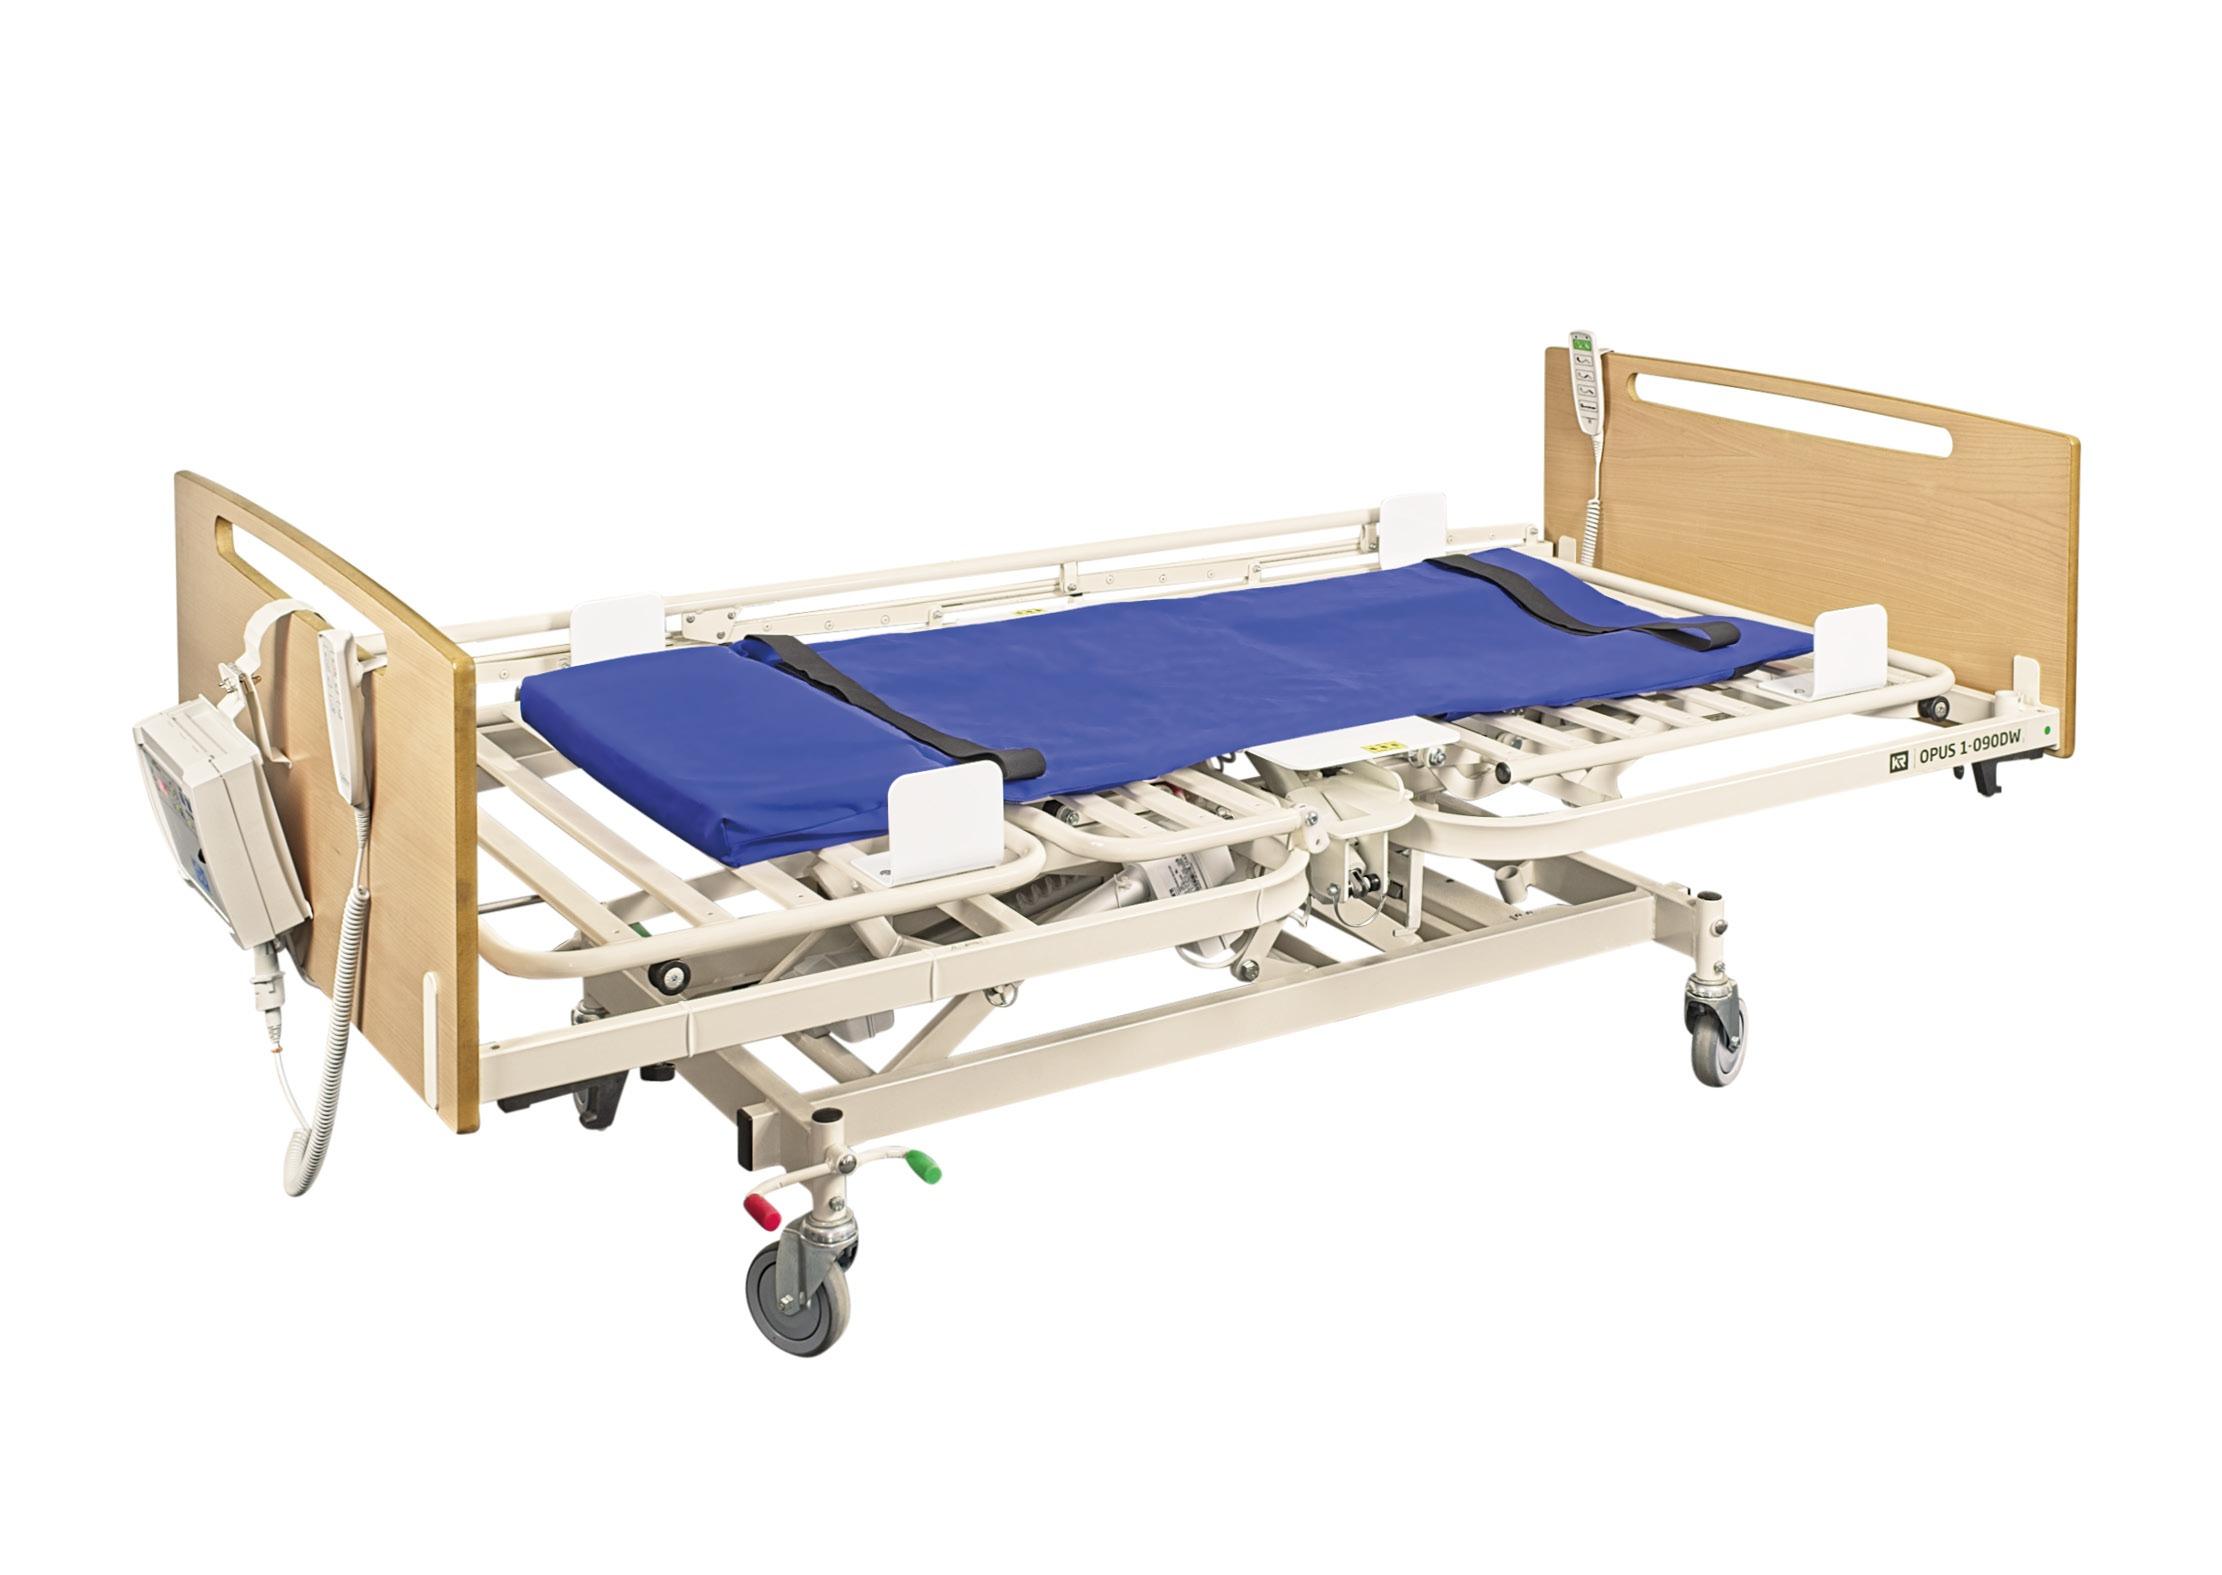 Careturner - Vendesystem til OPUS 1